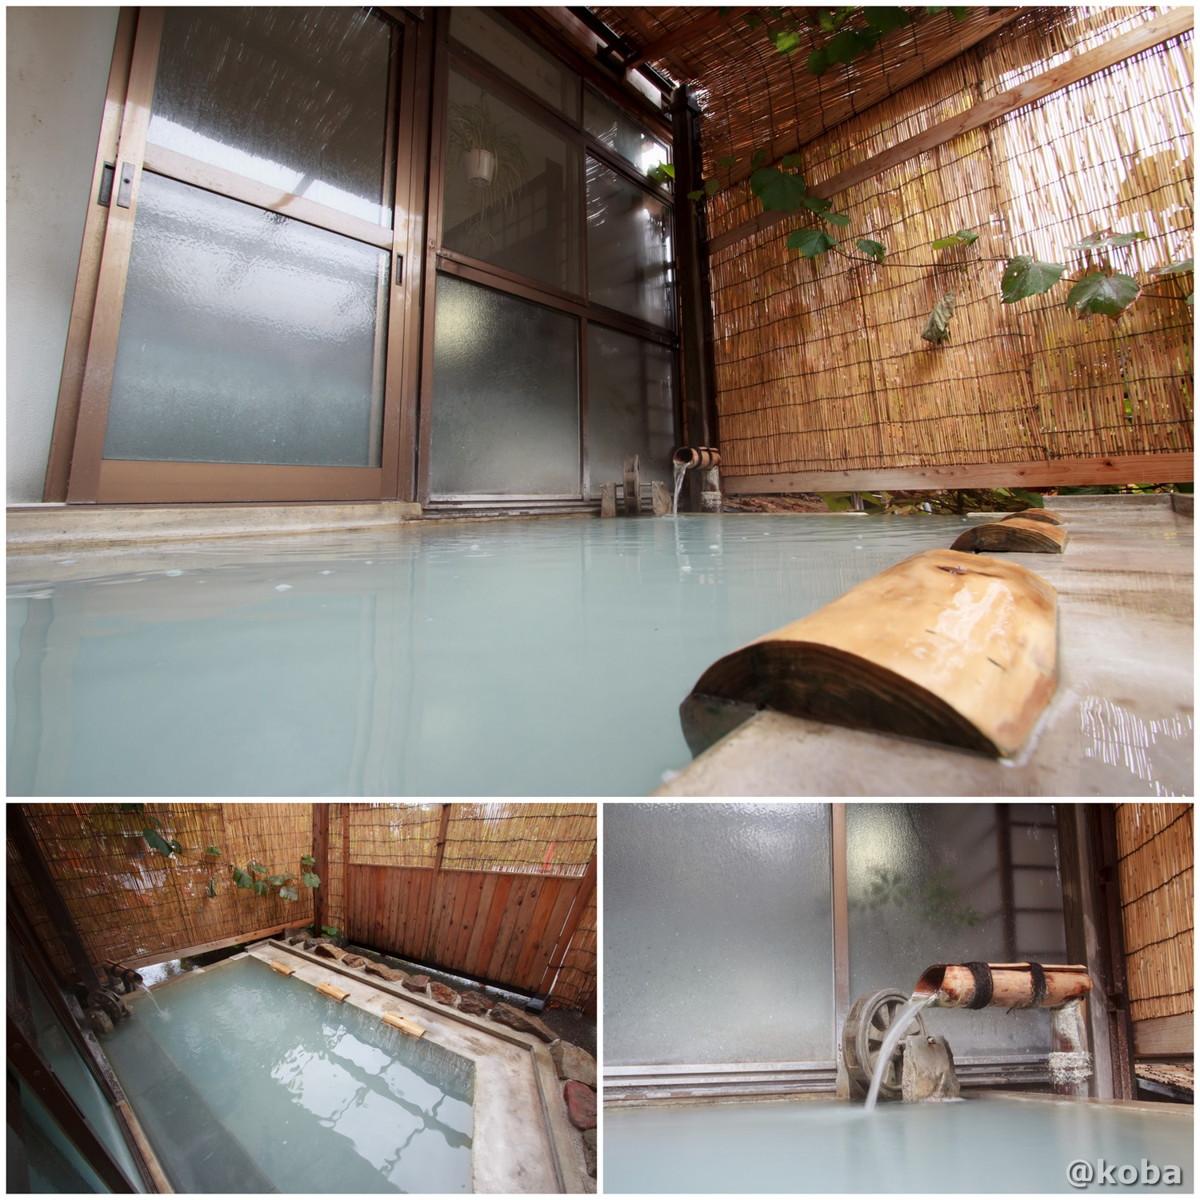 3人分の湯枕、小さい外風呂の写真 燕温泉 樺太館(つばめおんせん からふとかん)新潟県 妙高市